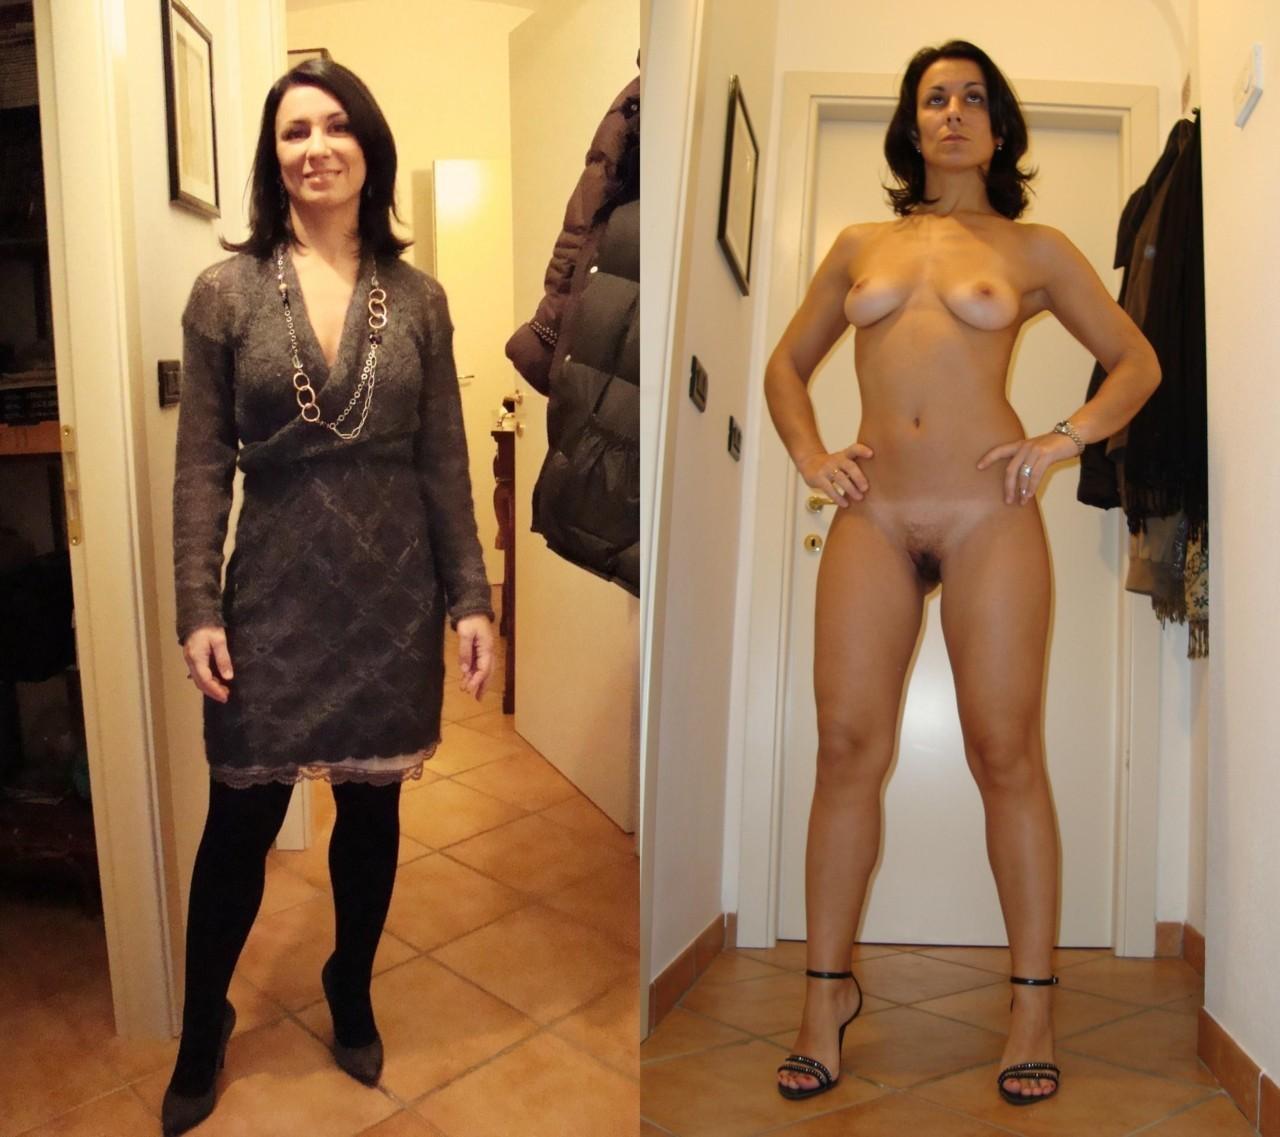 tumblr wife in public